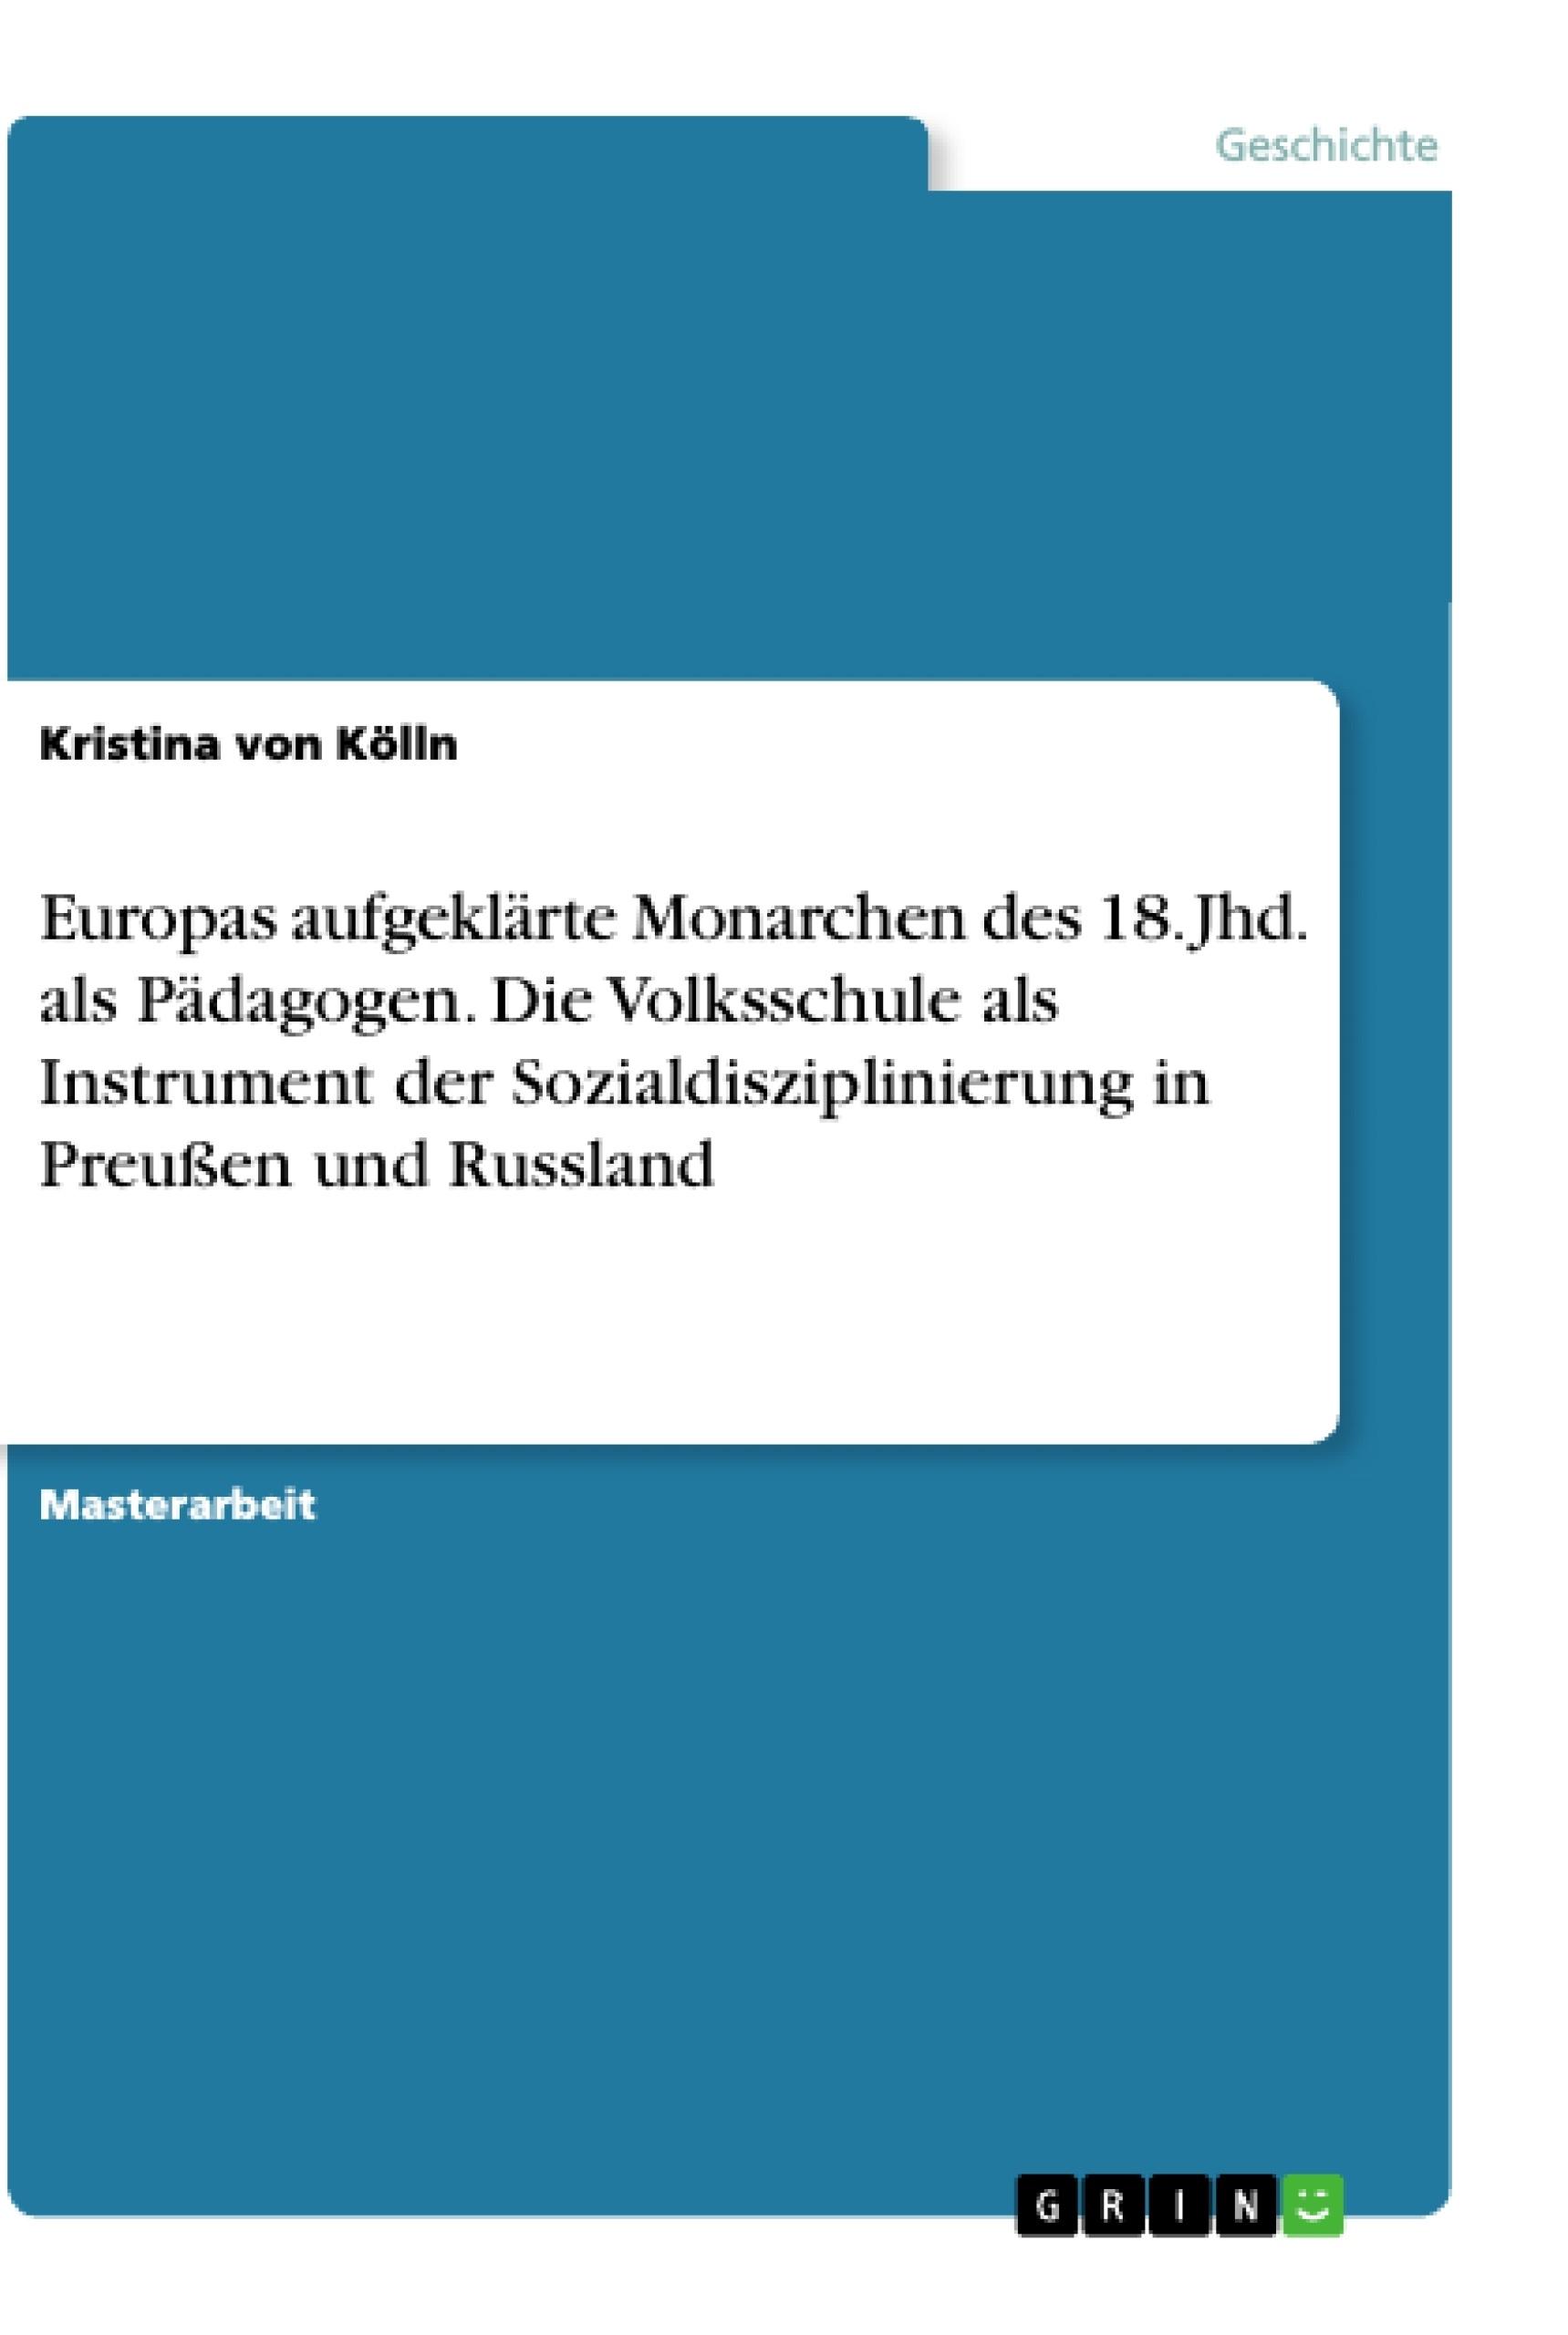 Titel: Europas aufgeklärte Monarchen des 18. Jhd. als Pädagogen. Die Volksschule als Instrument der Sozialdisziplinierung in Preußen und Russland